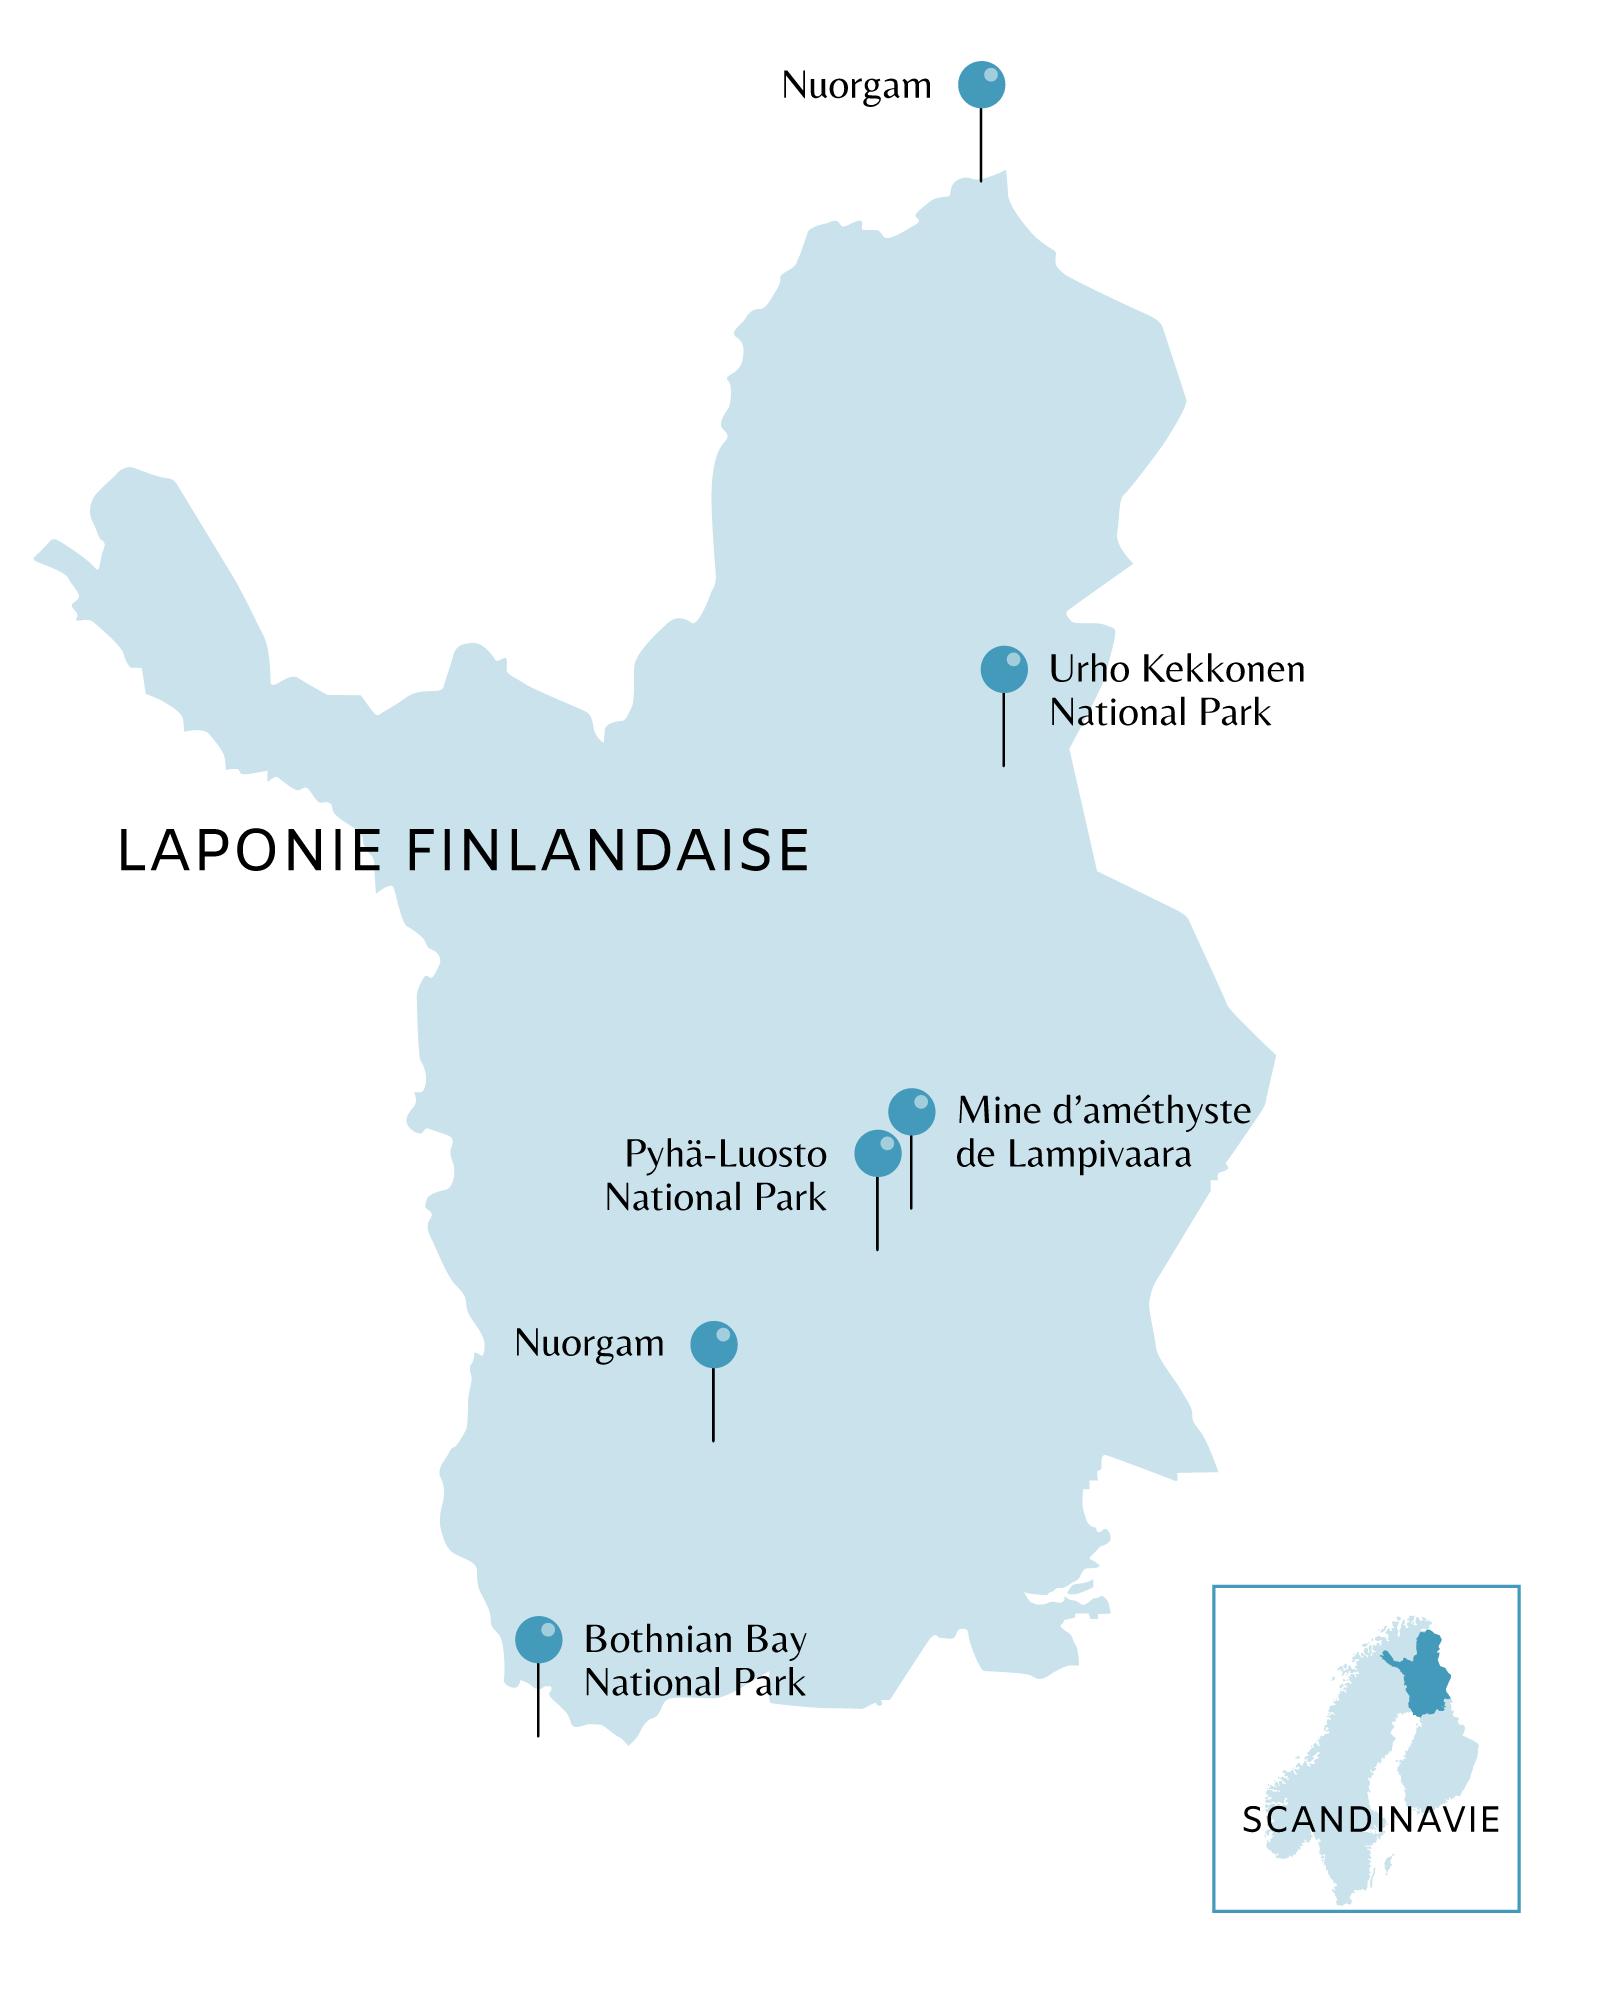 Carte de la Laponie Finlandaise avec points d'intérêts